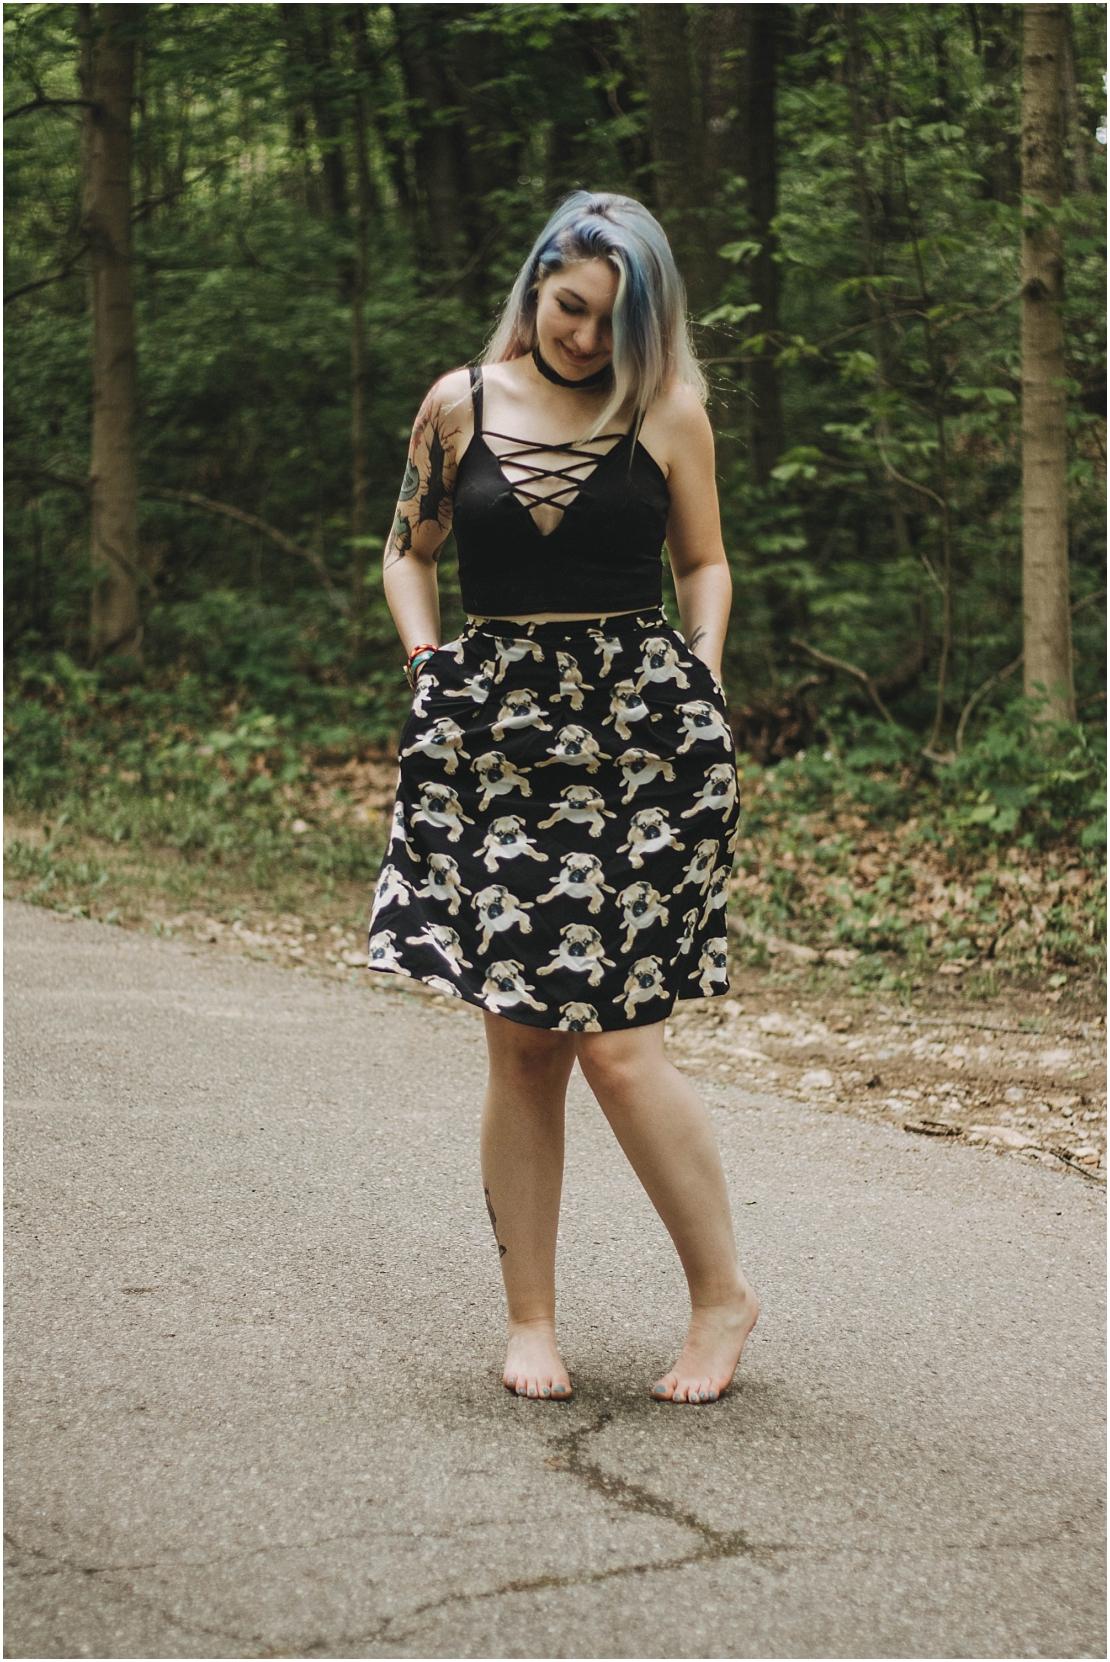 Model Portraits | Vandalia, Ohio